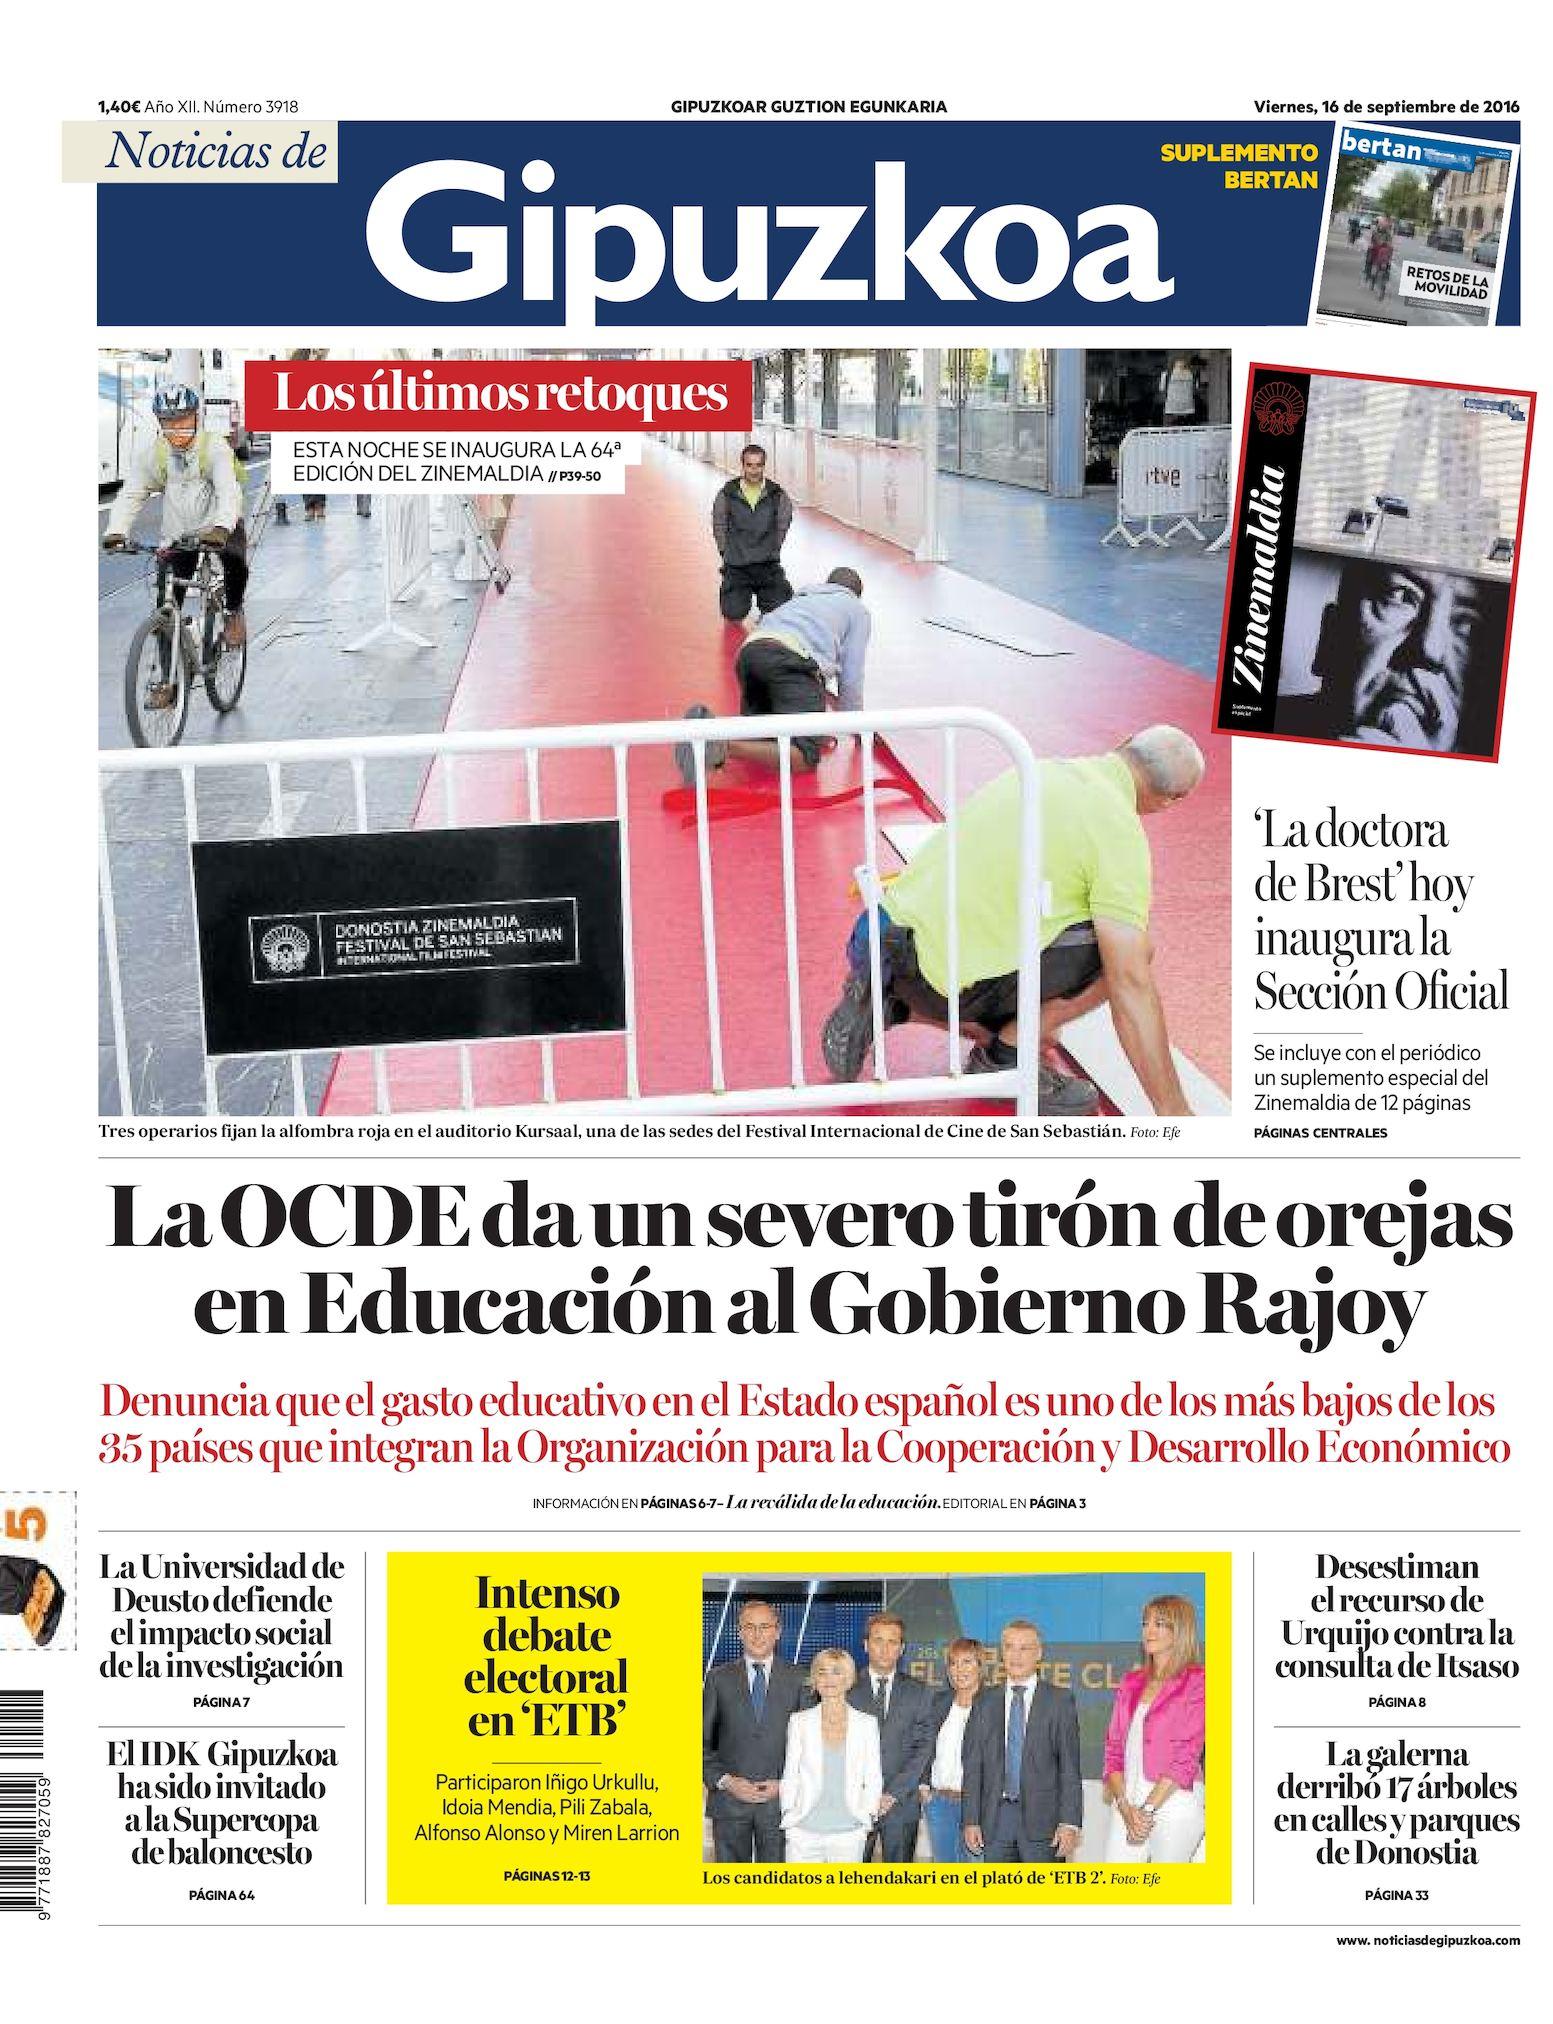 fd04ad0b4 Calaméo - Noticias de Gipuzkoa 20160916